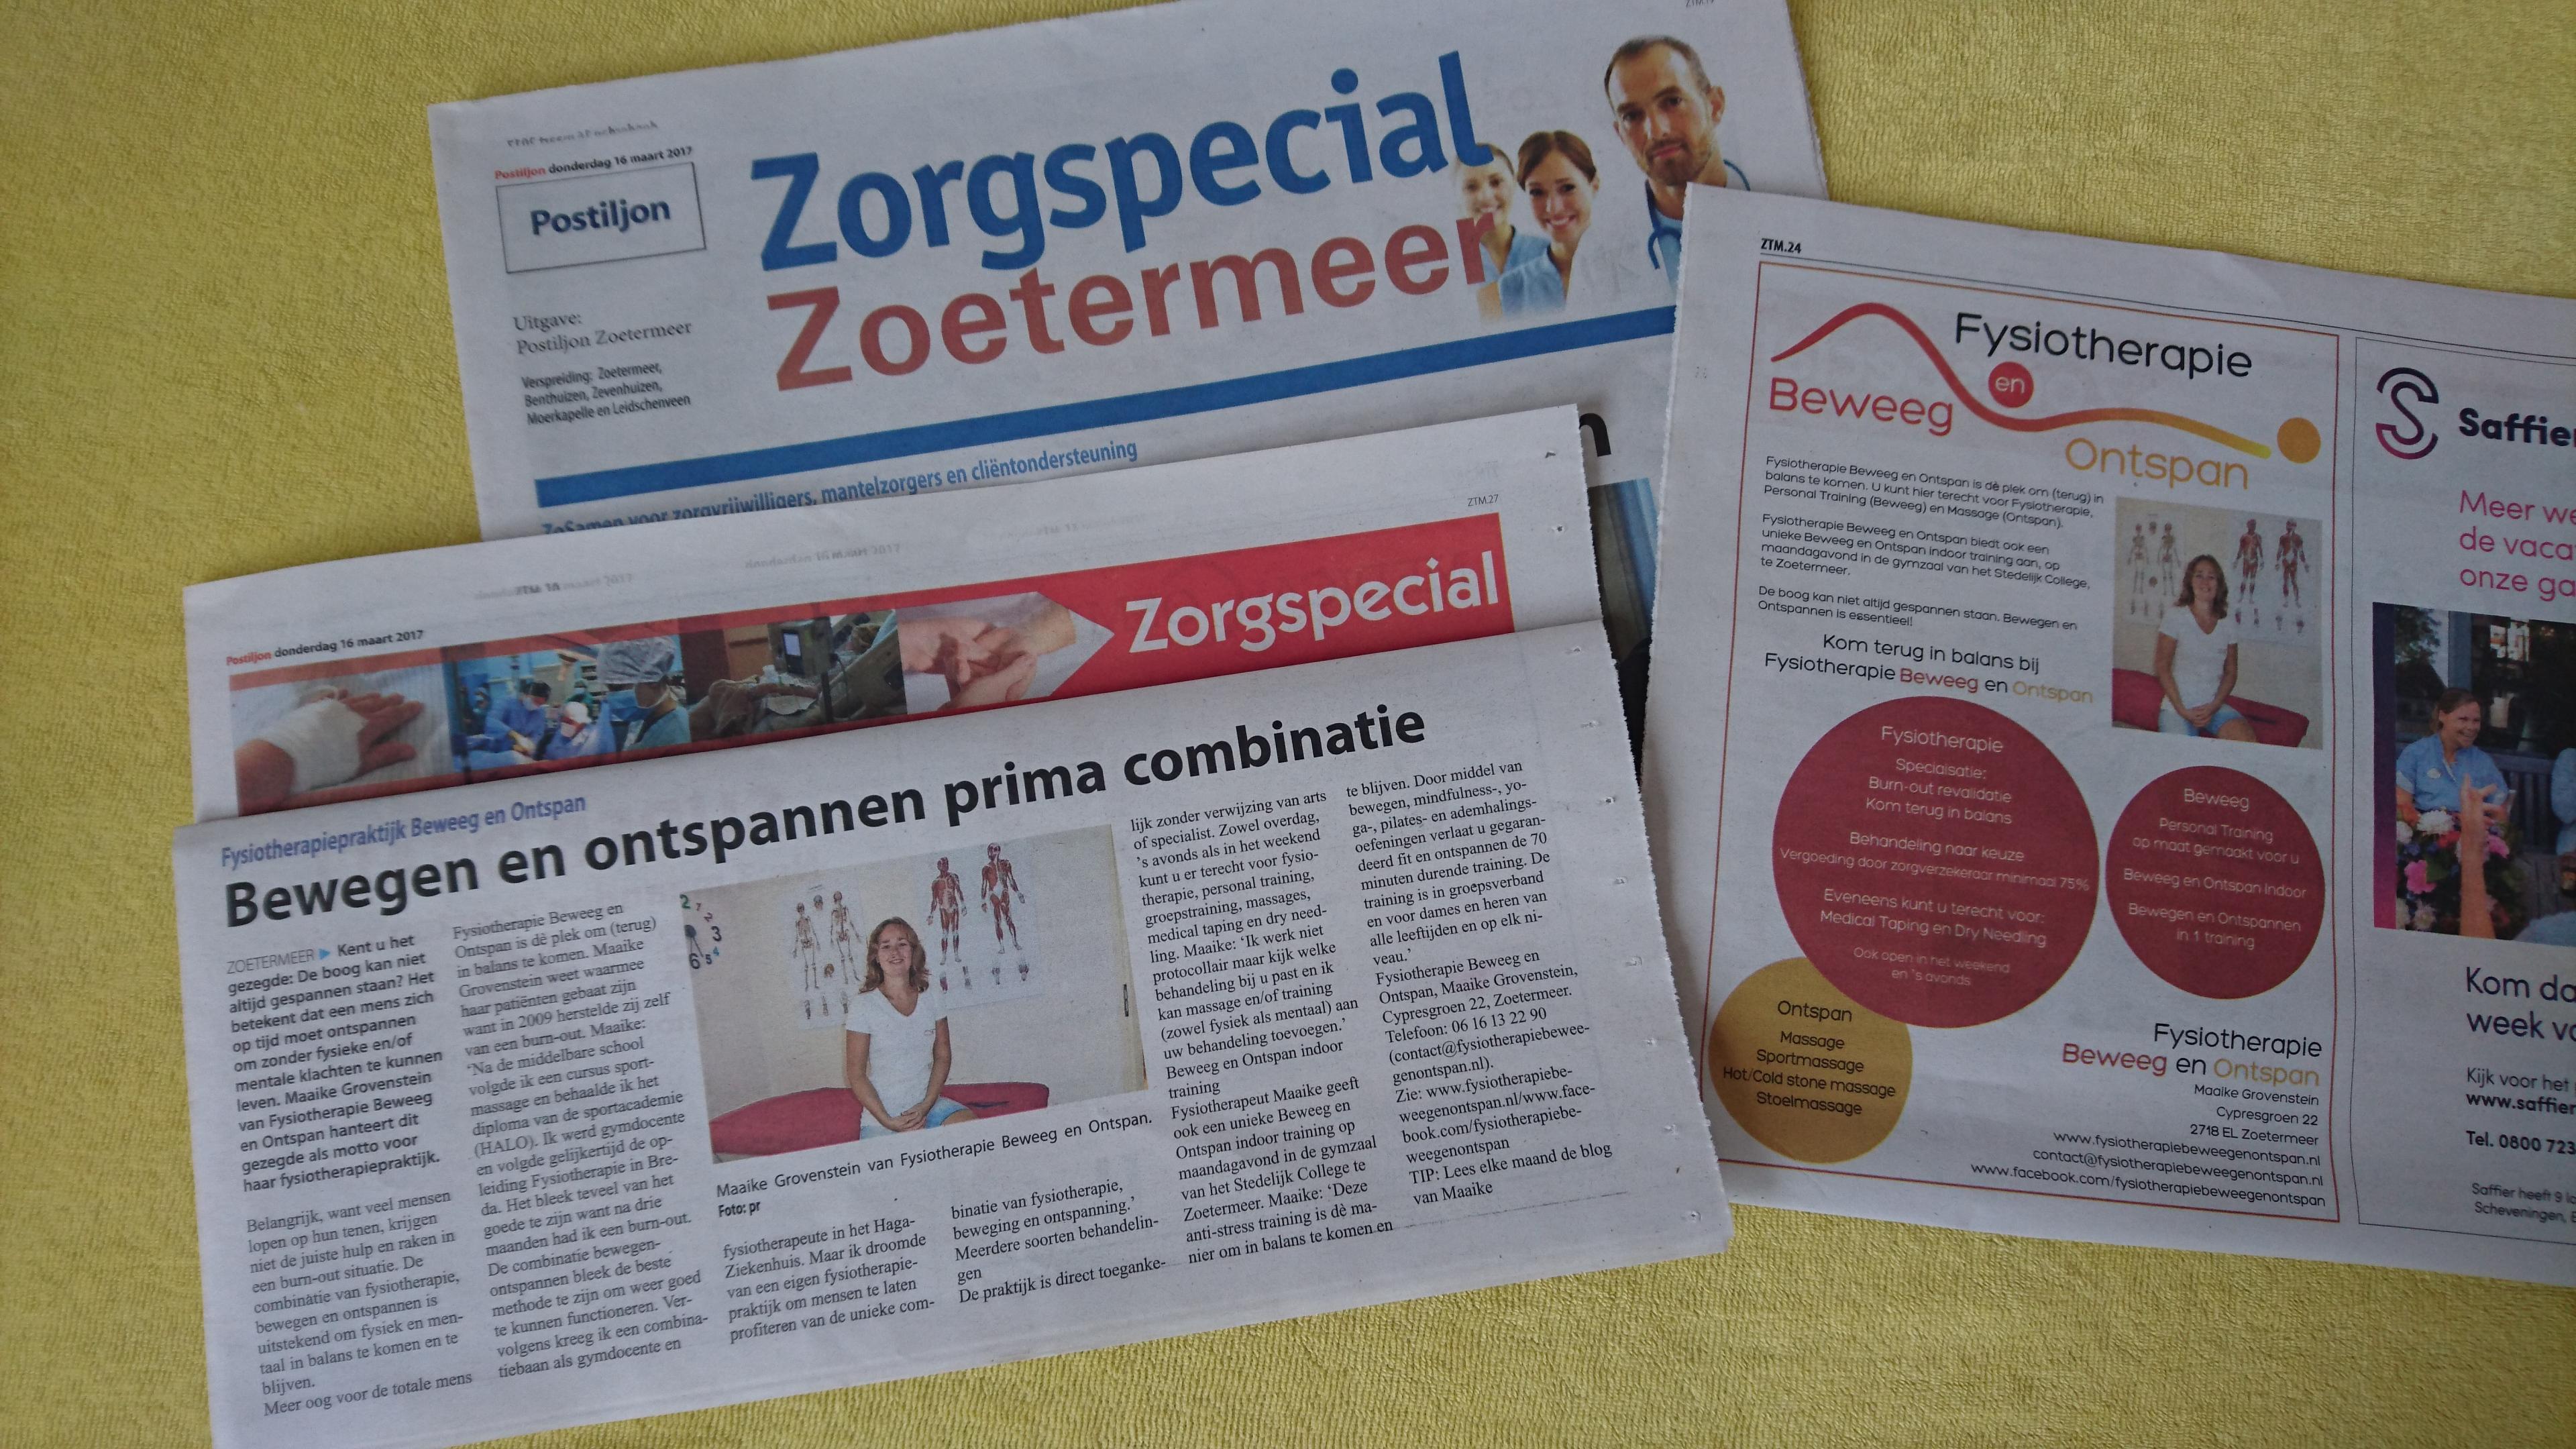 Zorgspecial Fysiotherapie Zoetermeer